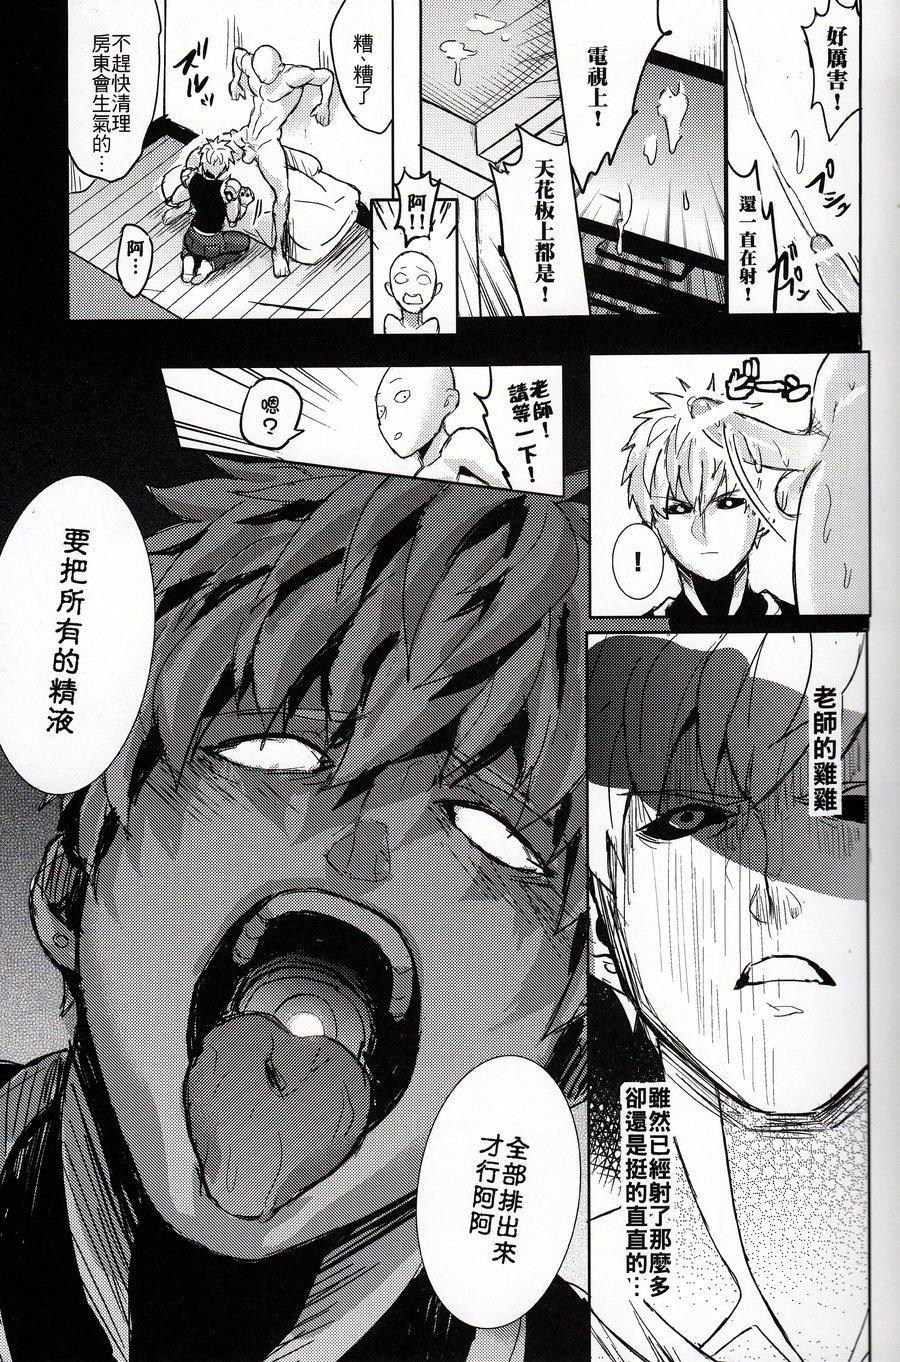 Sensei no Kokan no Kiki wa Ore ga Haijo Shimasu 12